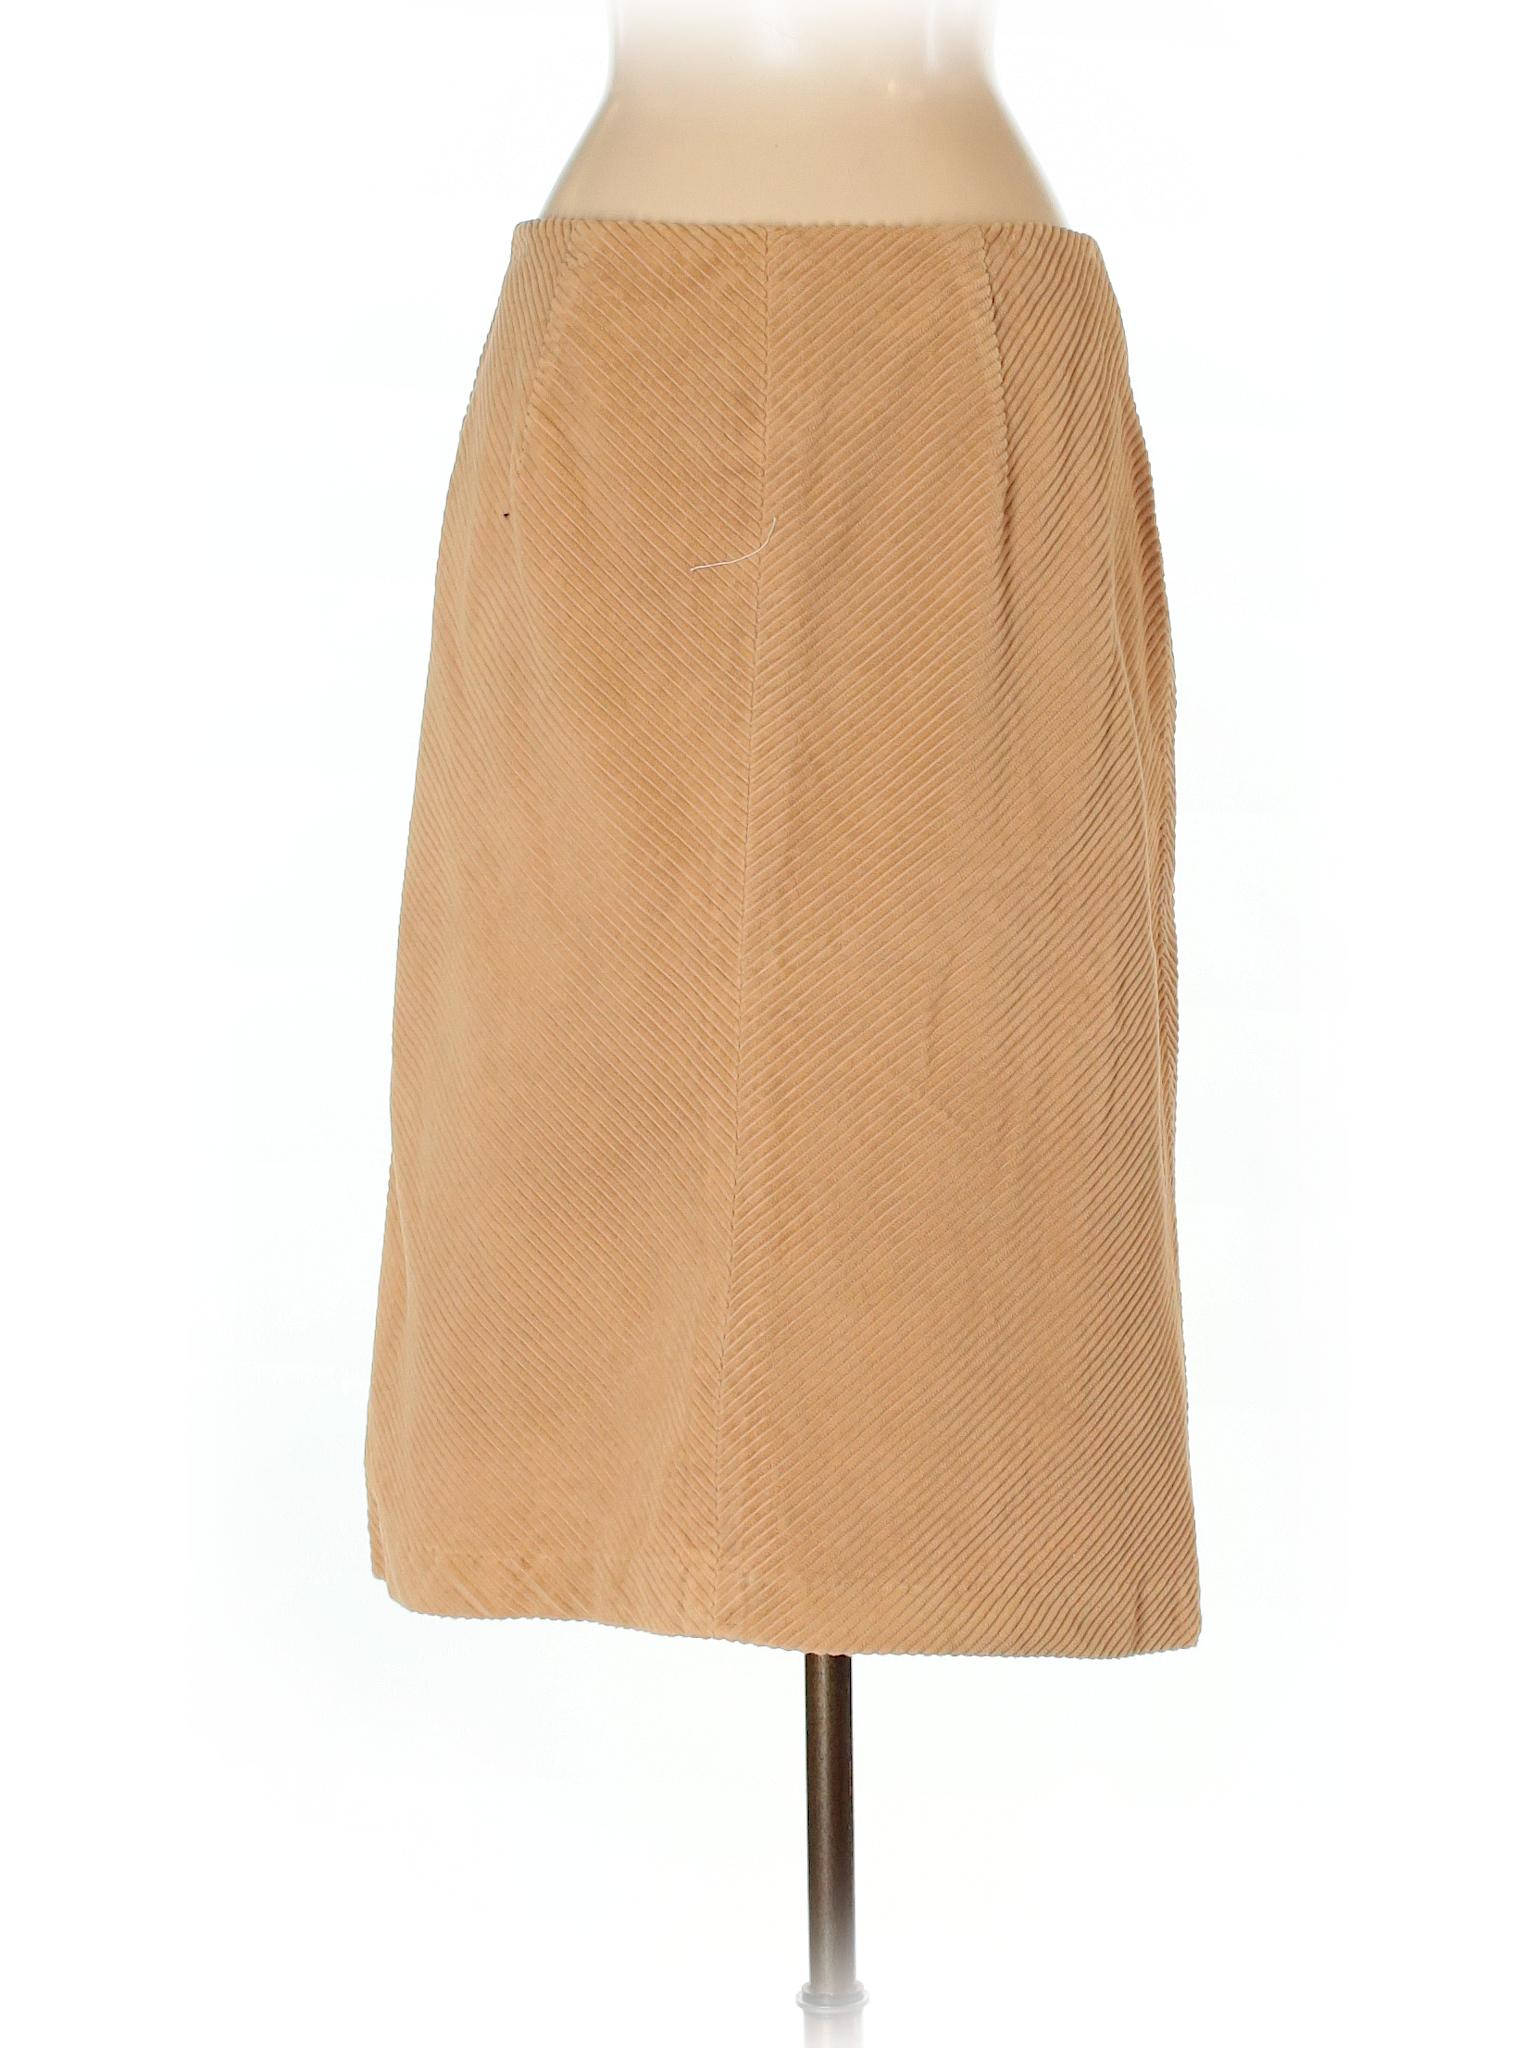 Casual Casual Casual Boutique Skirt Skirt Skirt Skirt Boutique Casual Boutique Boutique Boutique xqWgvxwXO0